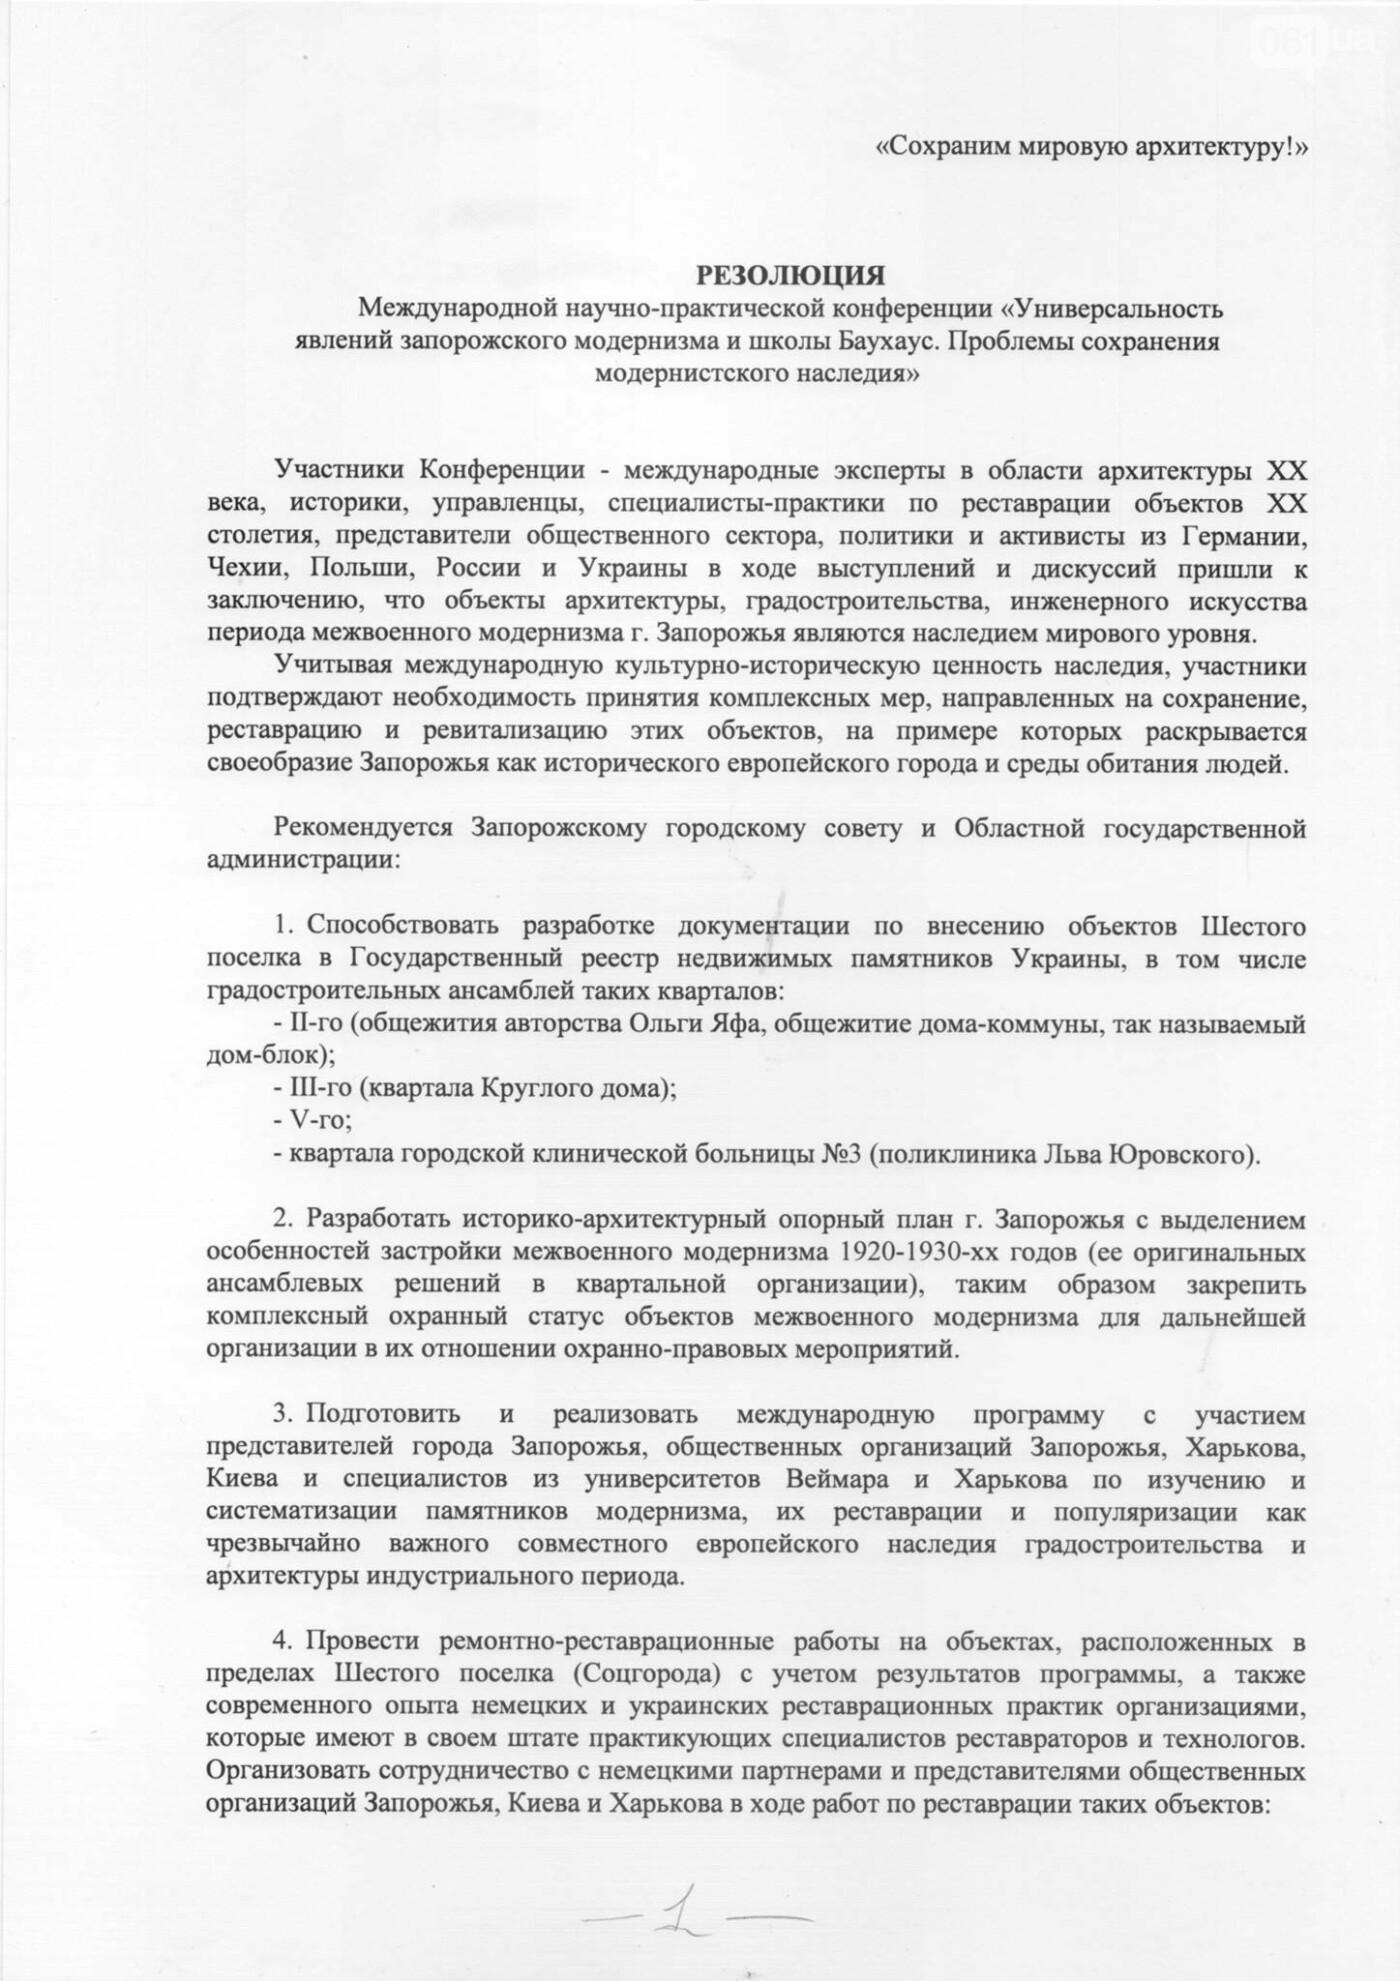 Спасти Соцгород: немецкие и украинские архитекторы подписали резолюцию для запорожской власти, - ФОТОРЕПОРТАЖ, фото-19